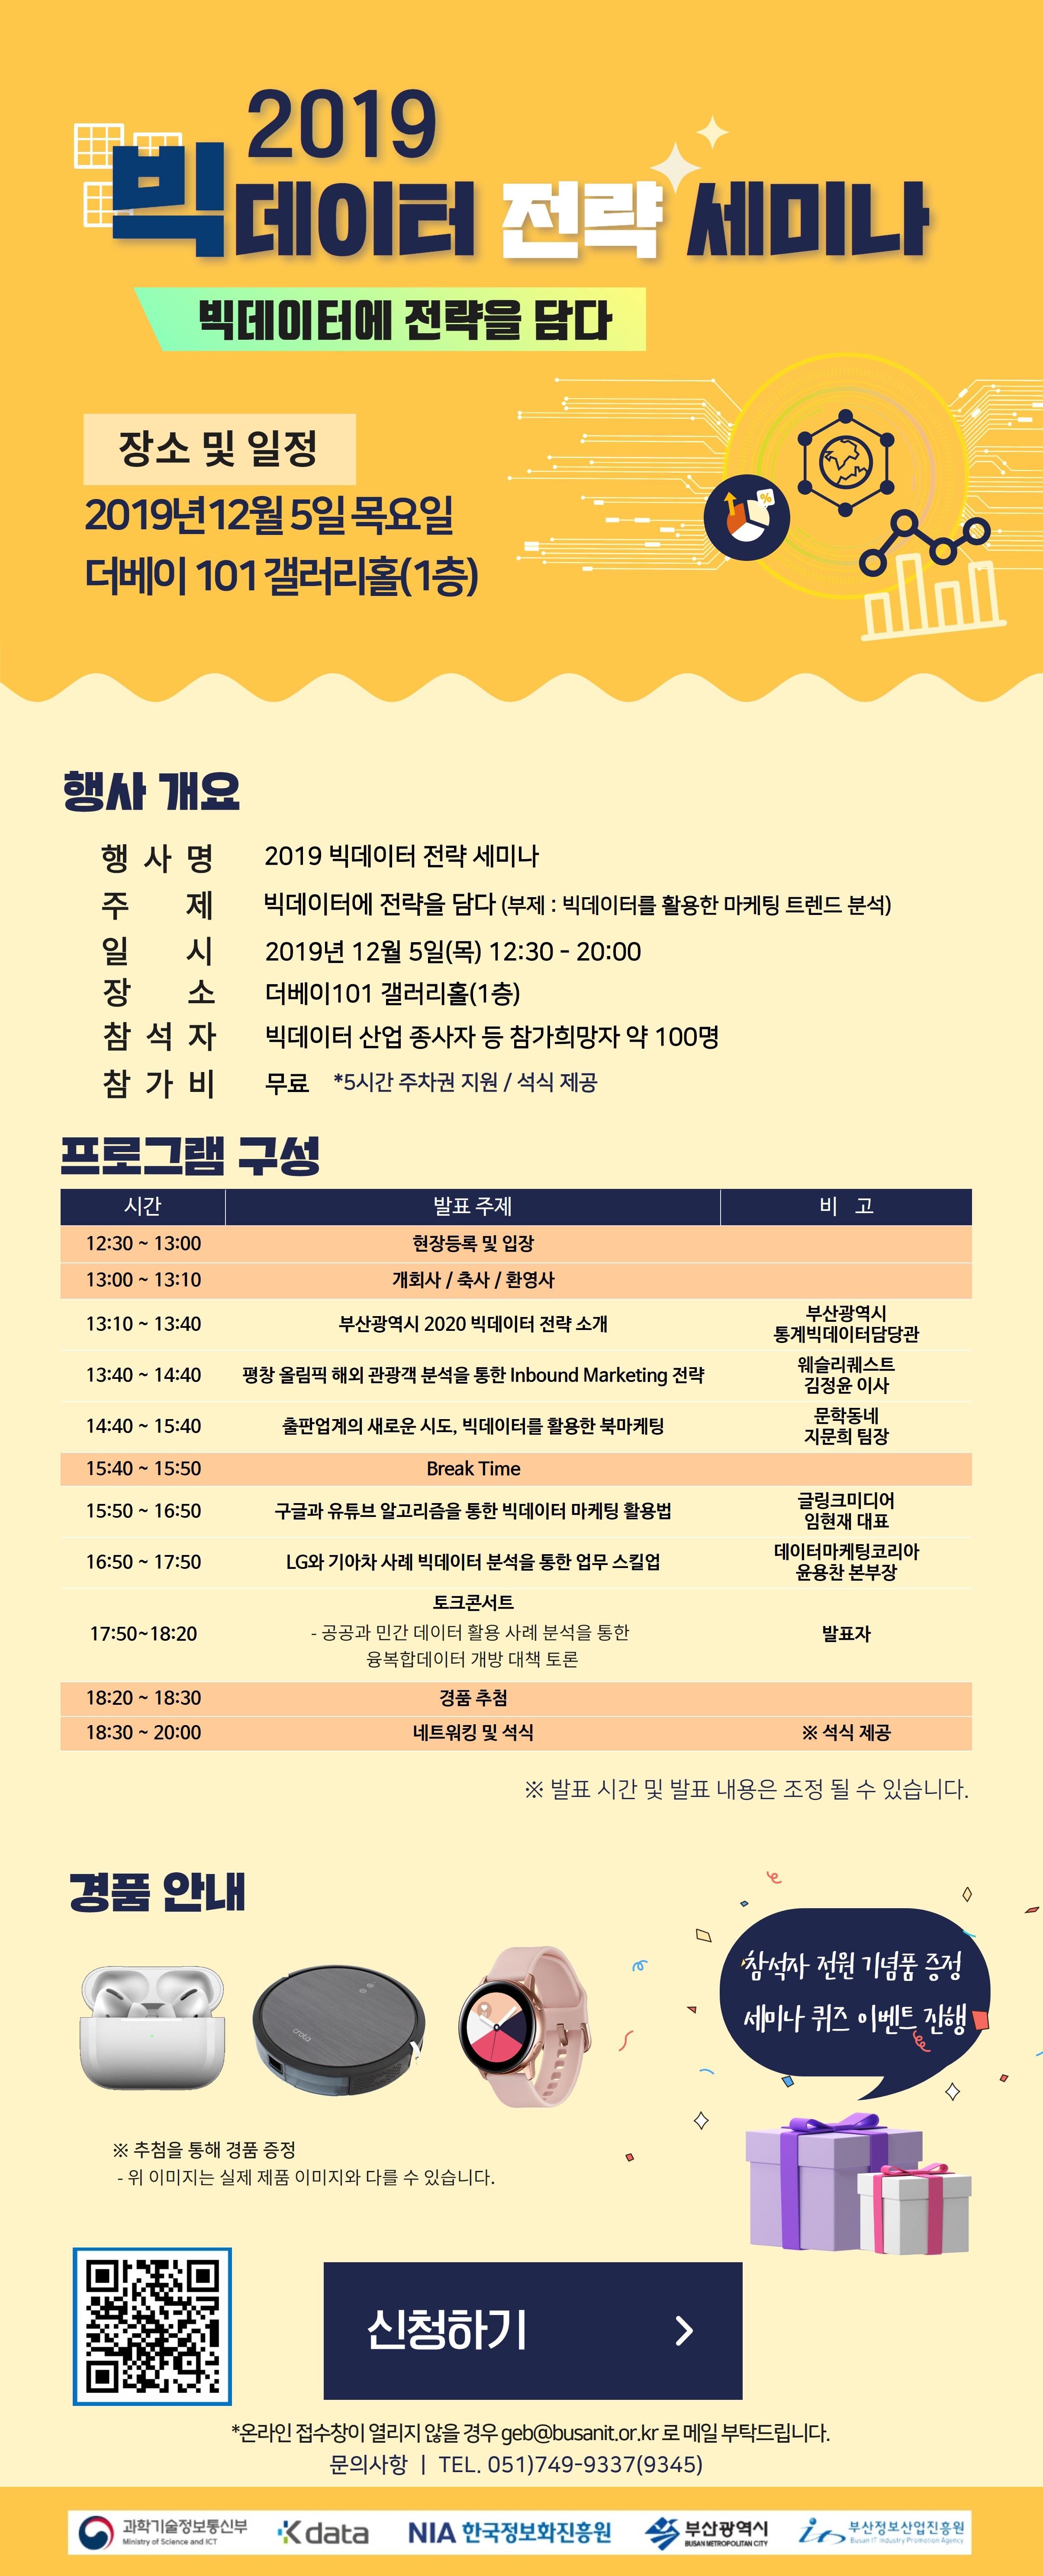 2019년 빅데이터 전략 세미나 개최 안내